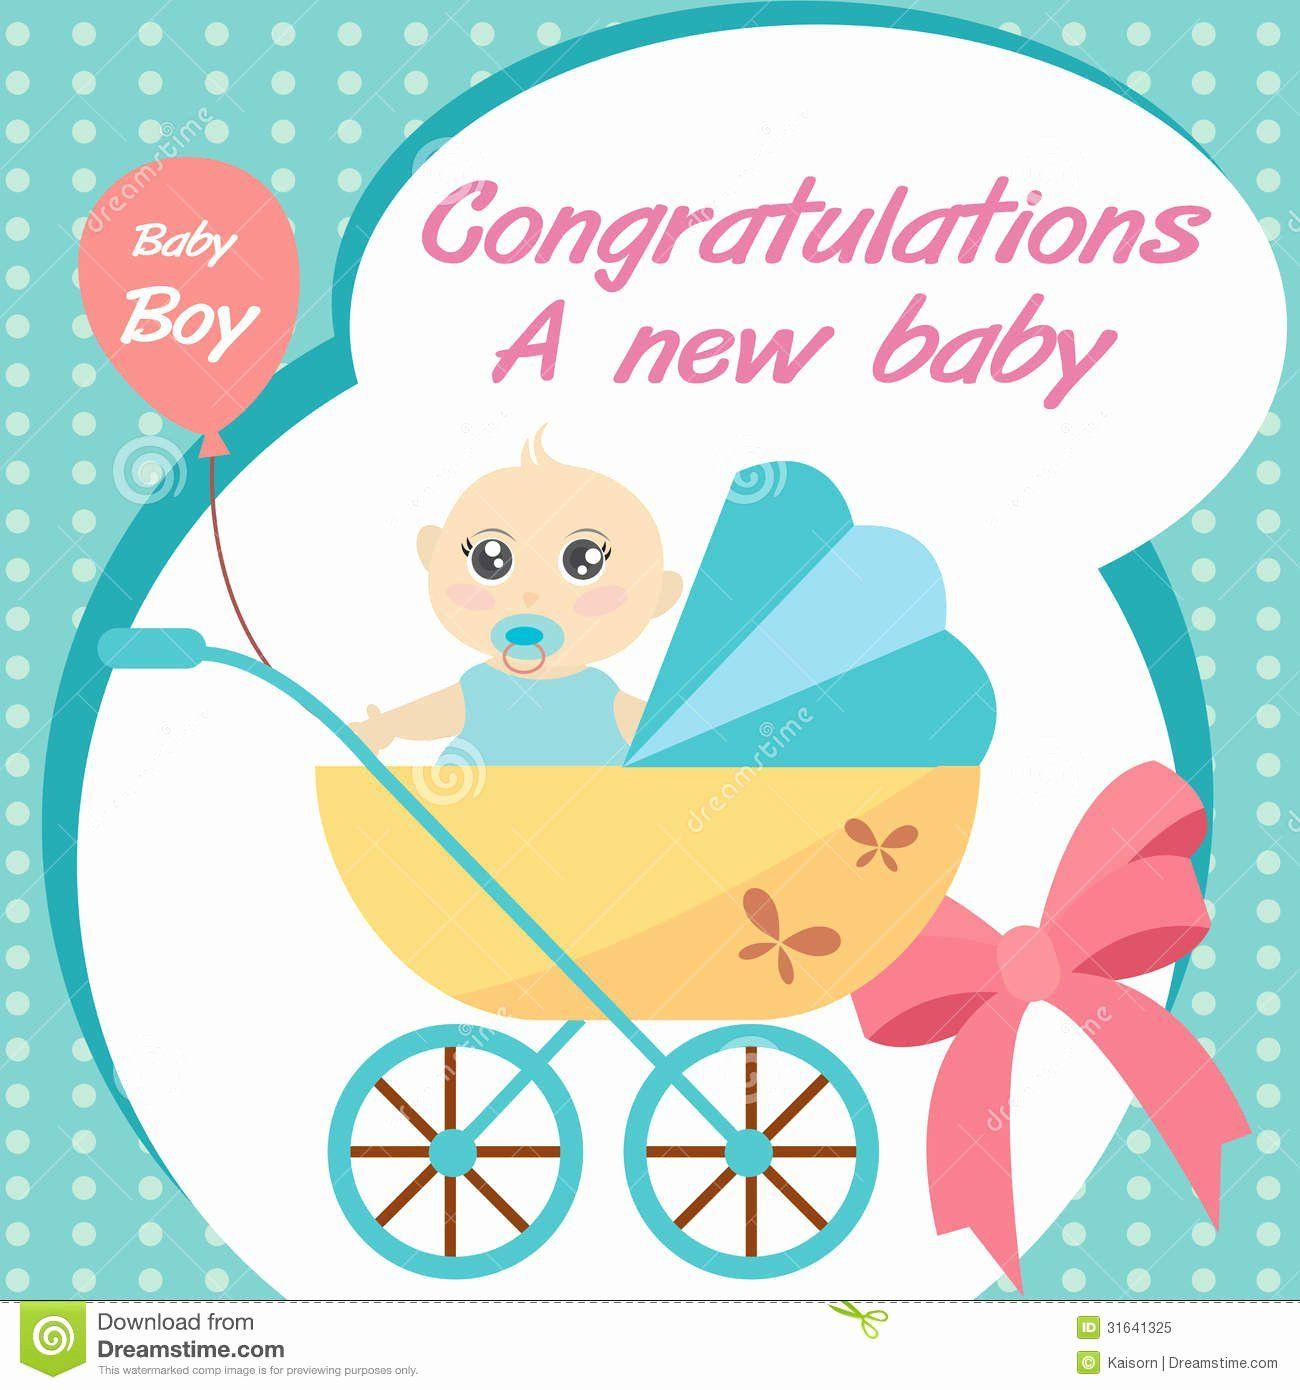 Congratulations Baby Boy Images In 2020 Congratulations Baby Boy